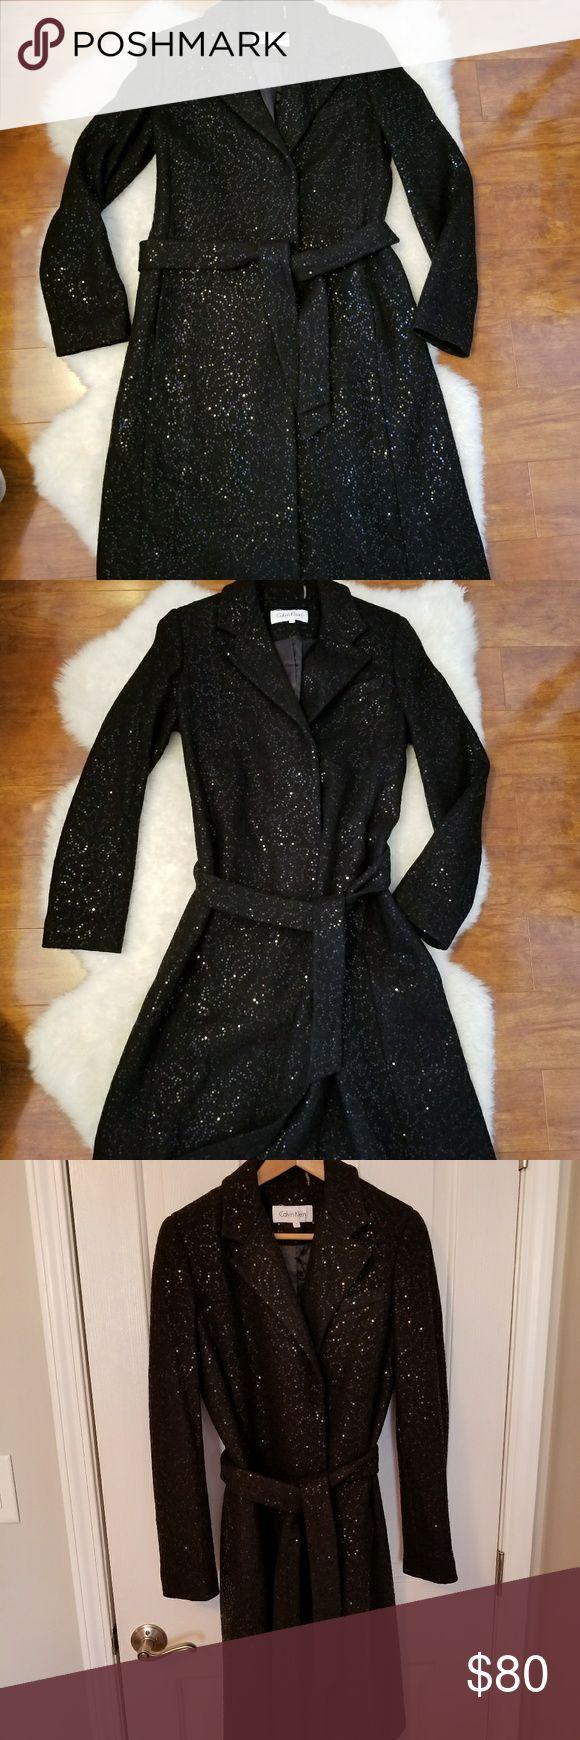 Calvin Klein Black Sequin Coat Size 4 Calvin Klein Black Sequin Coat Size 4 Calvin Klein Jackets & Coats Trench Coats